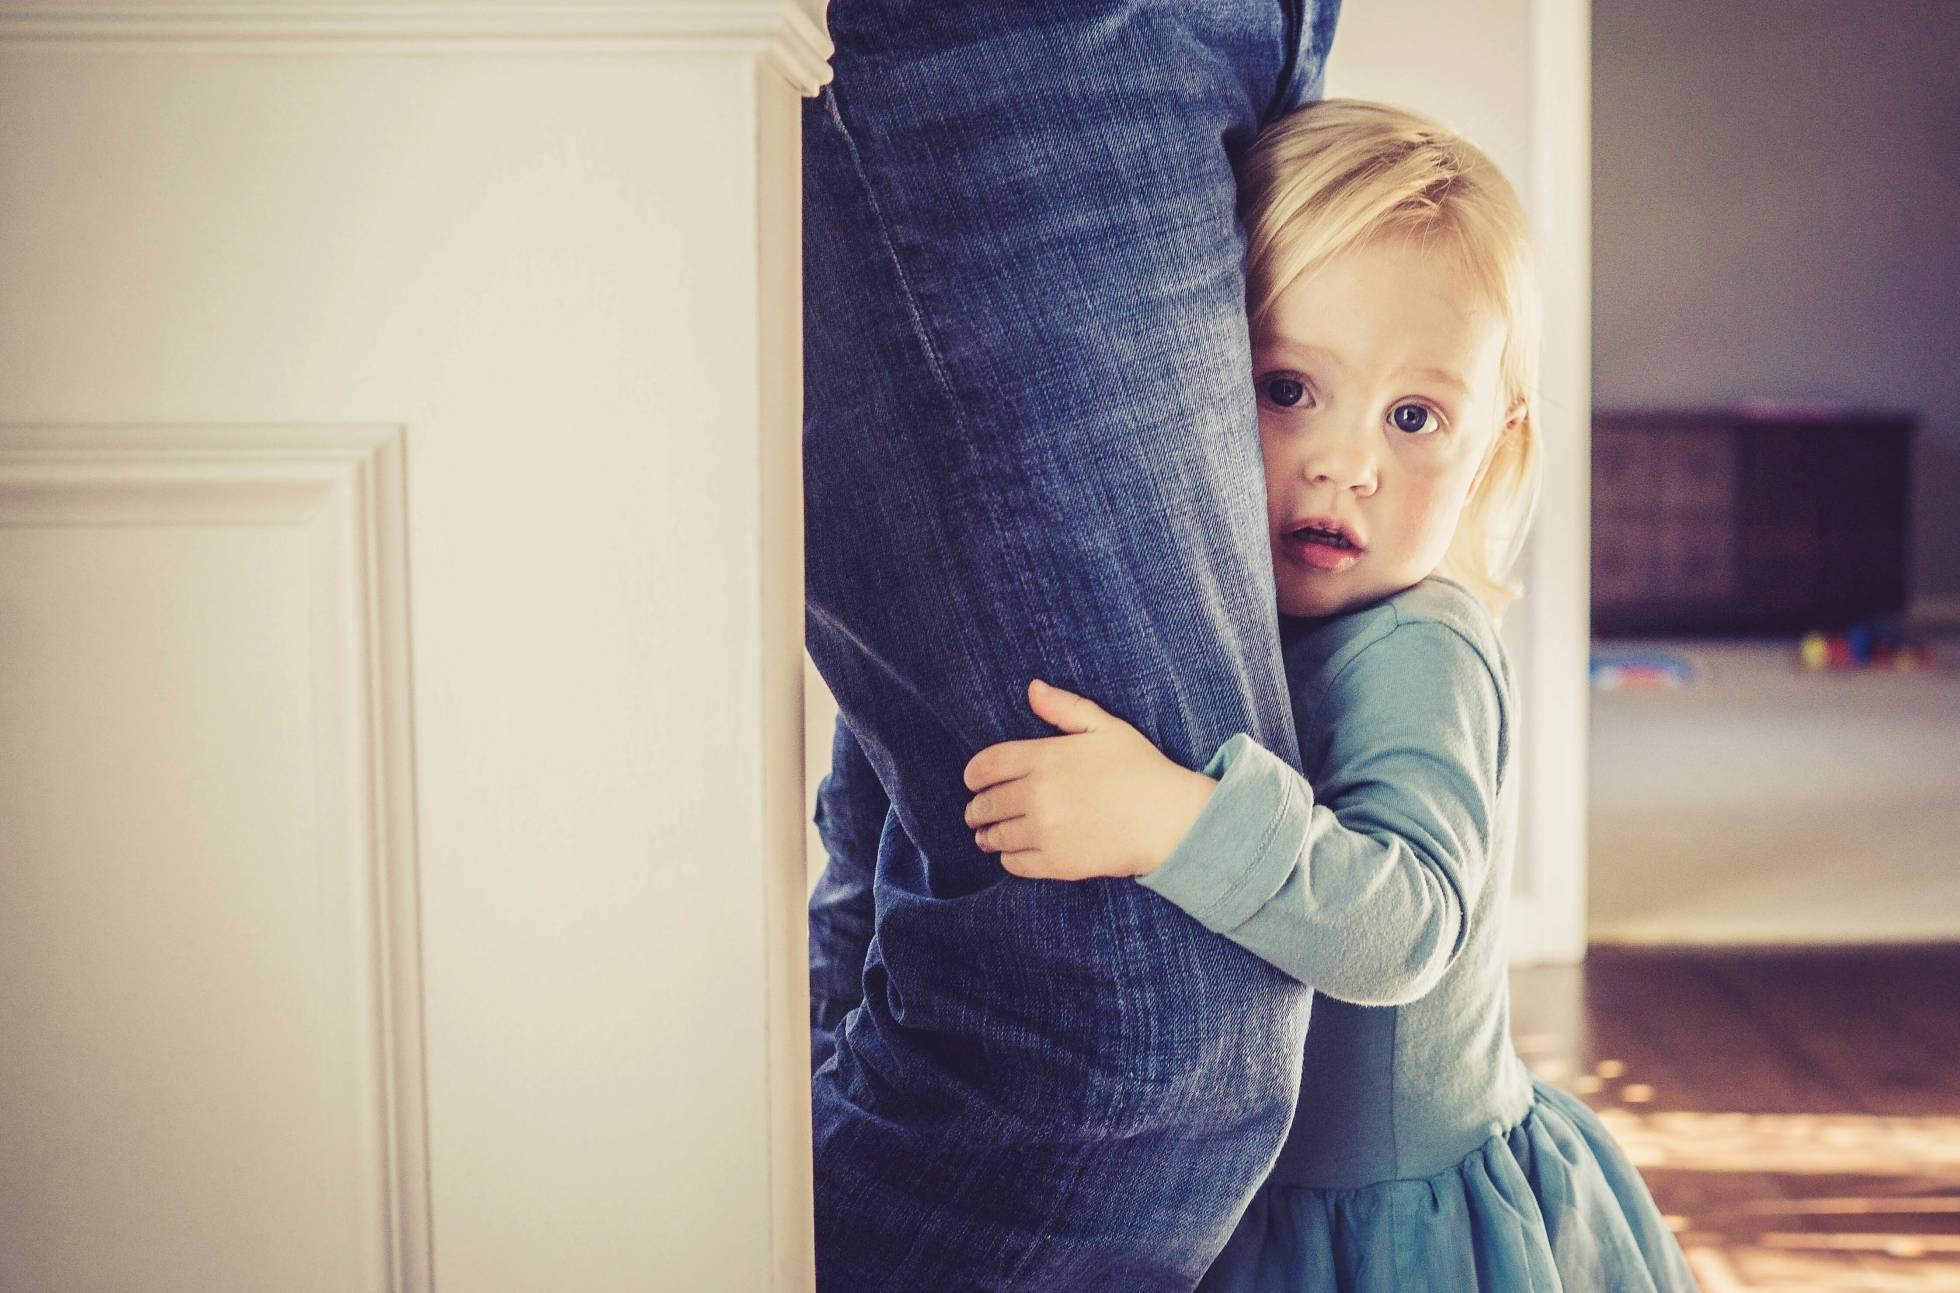 El miedo infantil es algo que se debe controlar